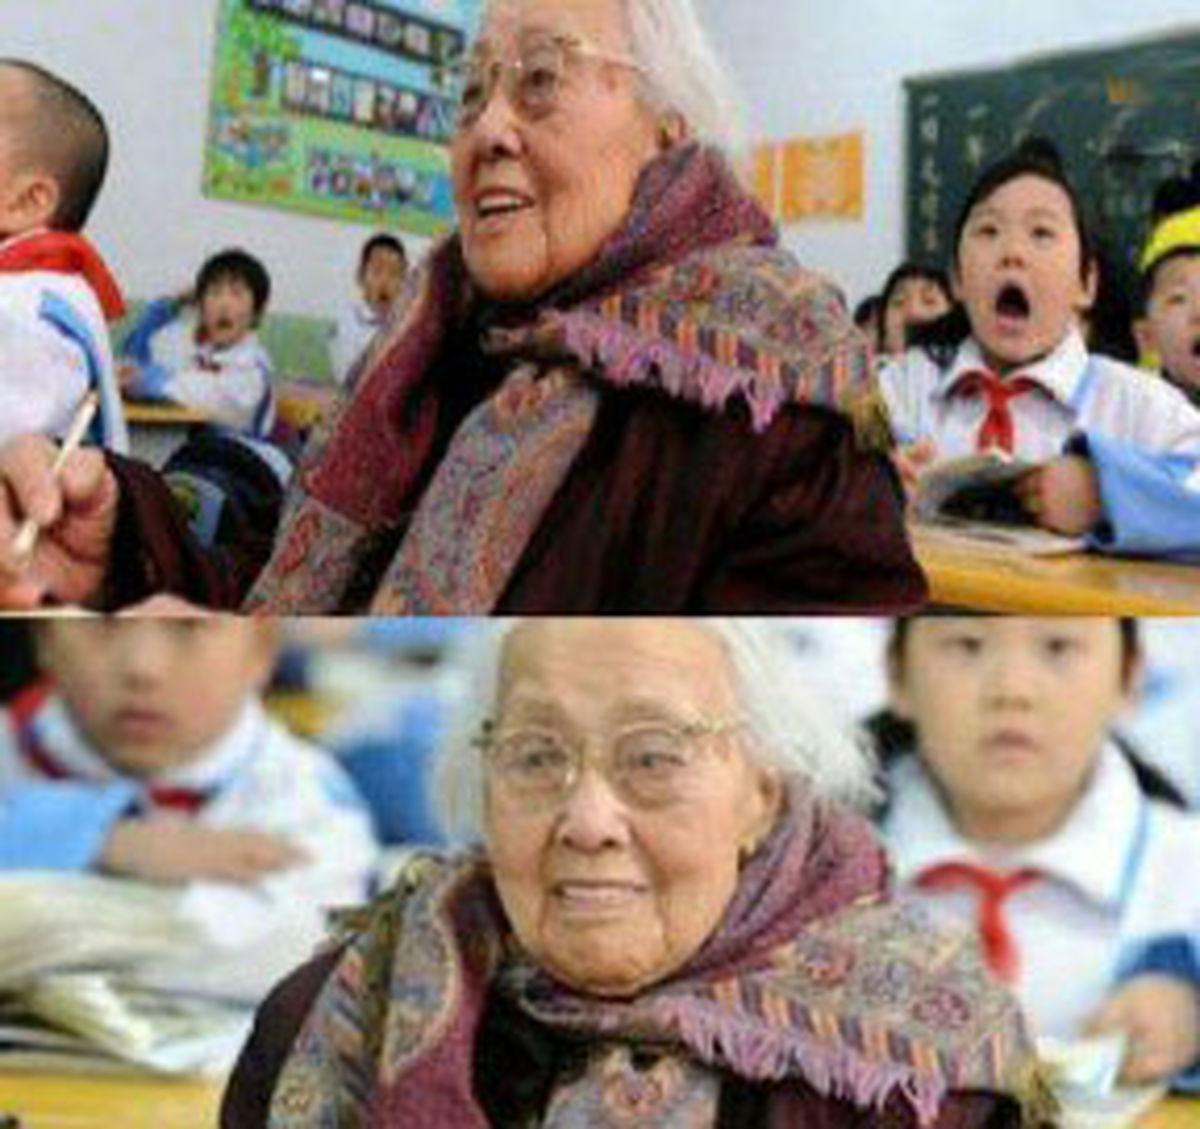 پیرترین دانش آموز جهان با 102 سال سن سر کلاس اول